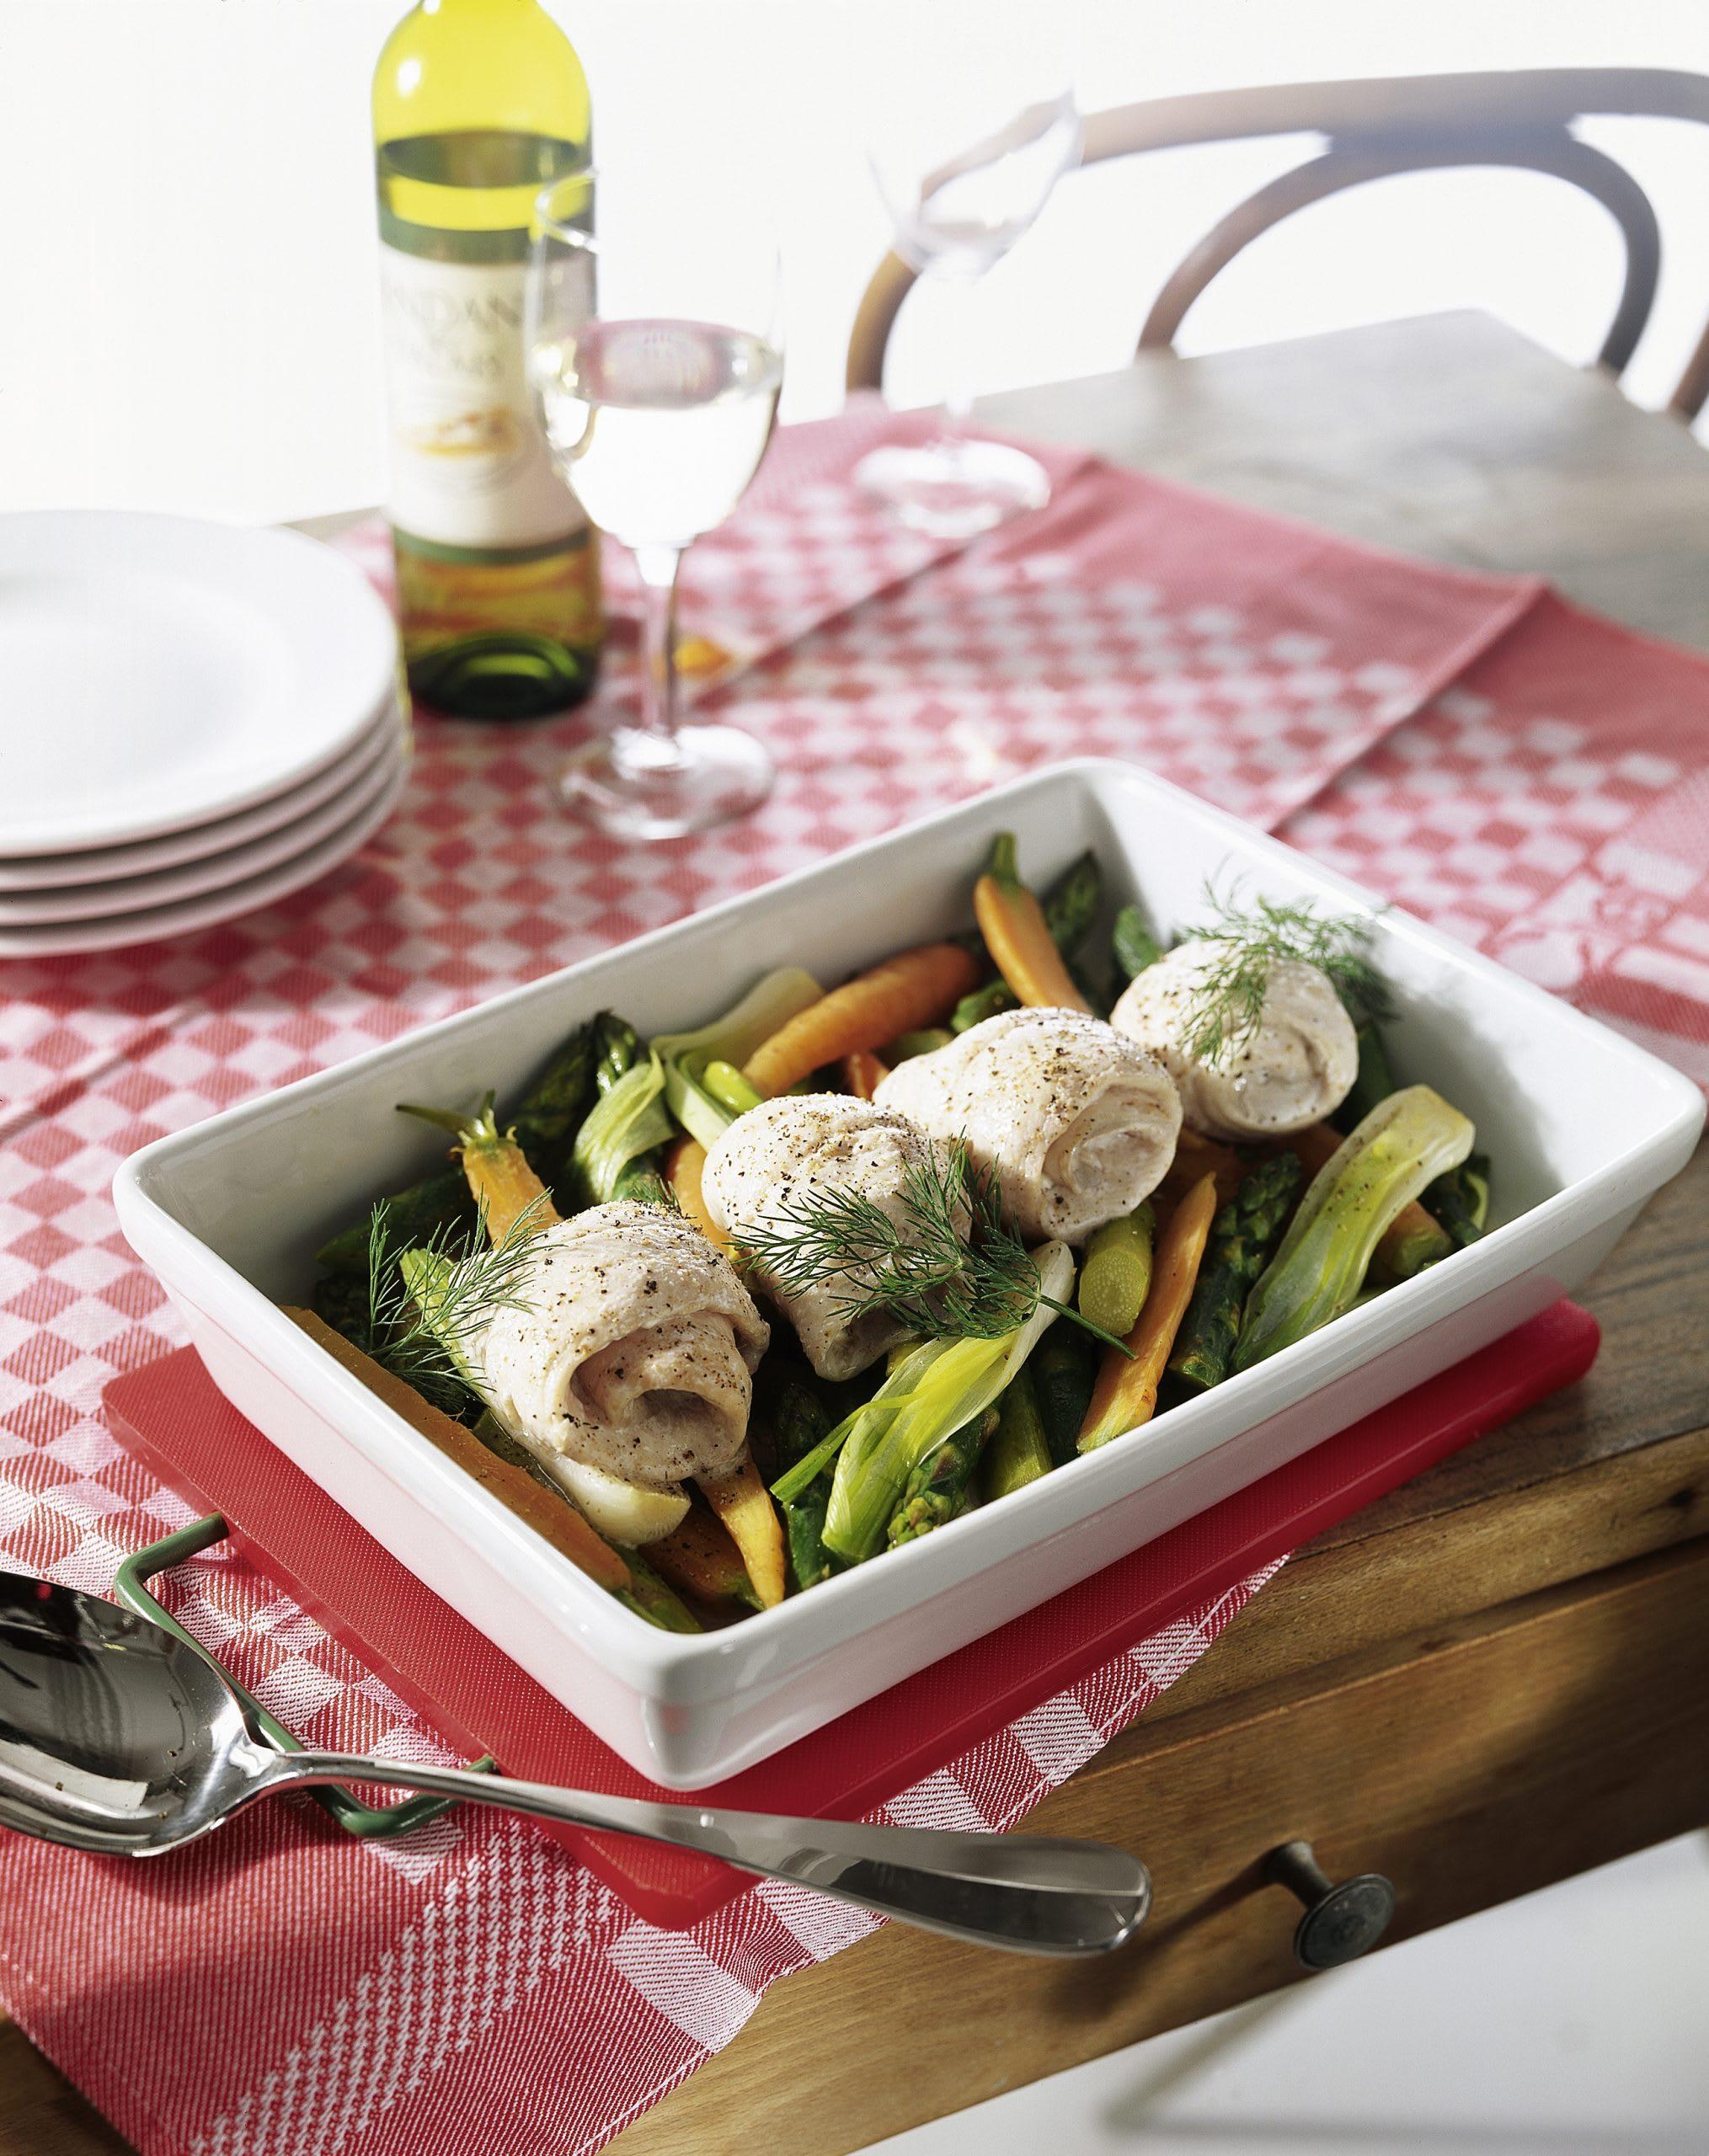 Filets de poisson farcis sur lit de légumes